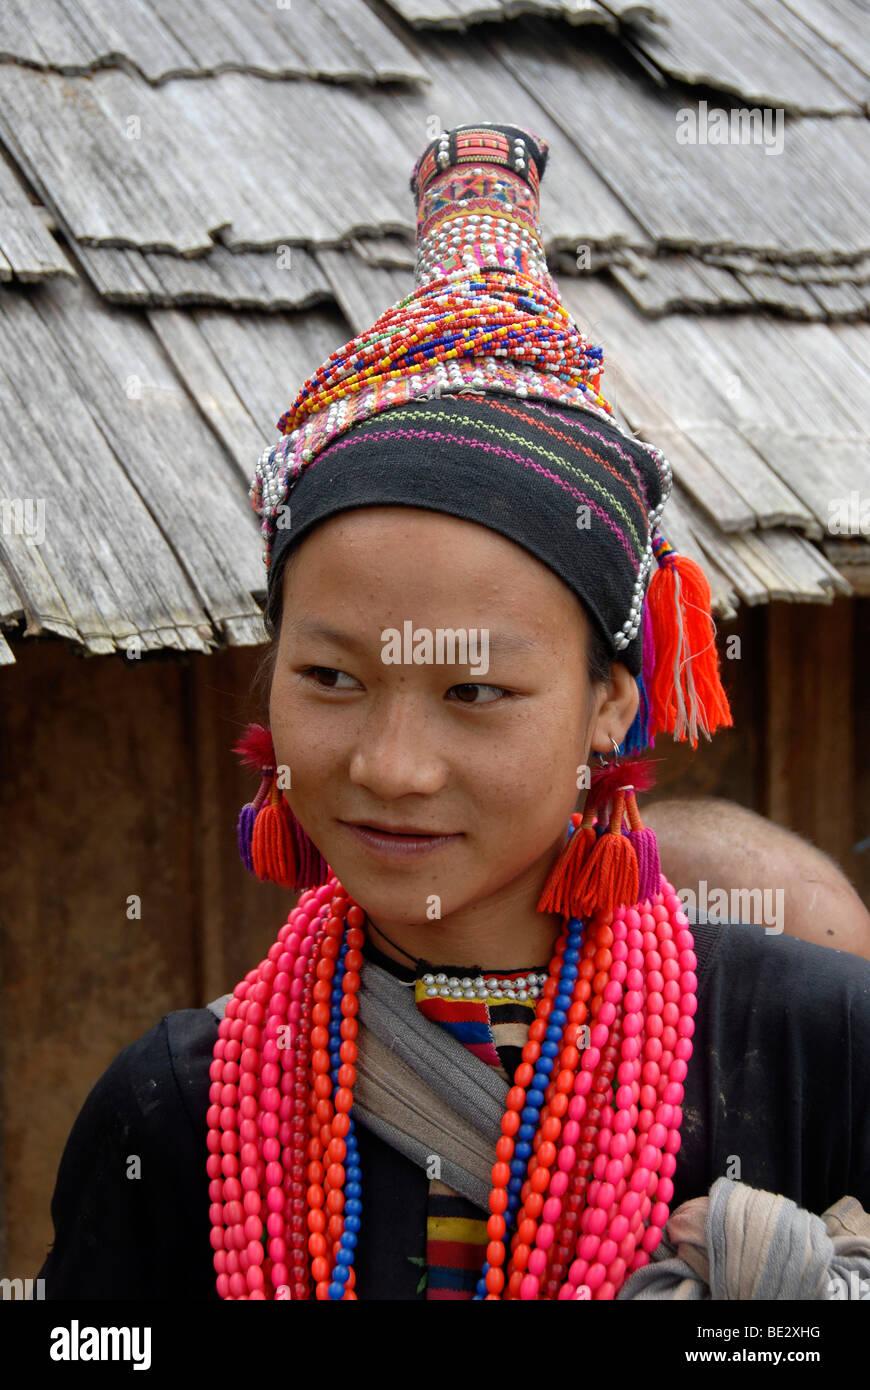 Portrait, Ethnologie, Akha Pala Mädchen gekleidet in bunten Trachten, Kopfschmuck und Halsketten, Ban Pakha, Stockbild